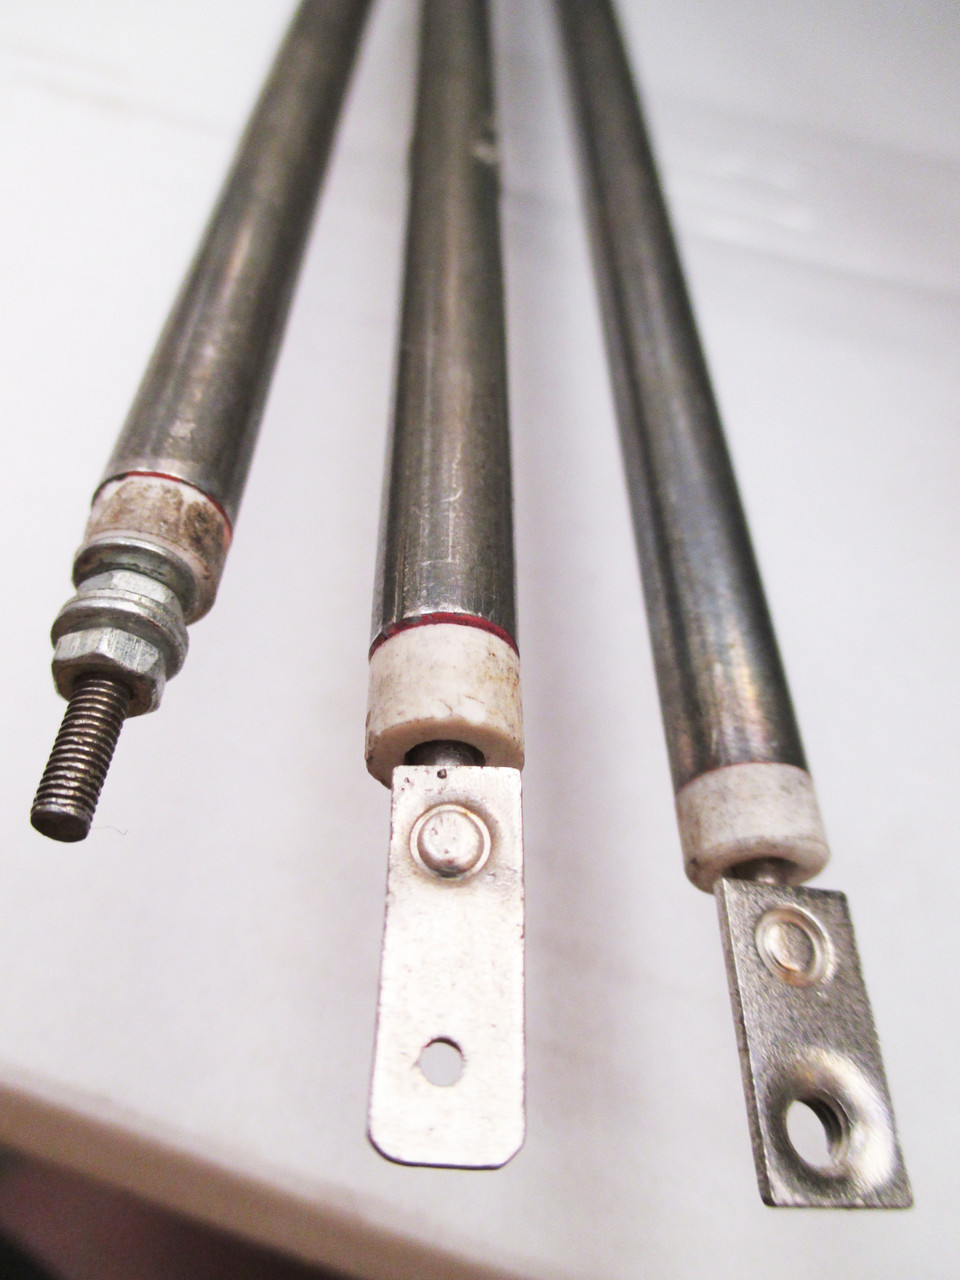 Гибкий  нержавеющий тен (Ф-8,5мм) длинна-1,6 м\2,5 квт\220 в с заделкой 220 мм